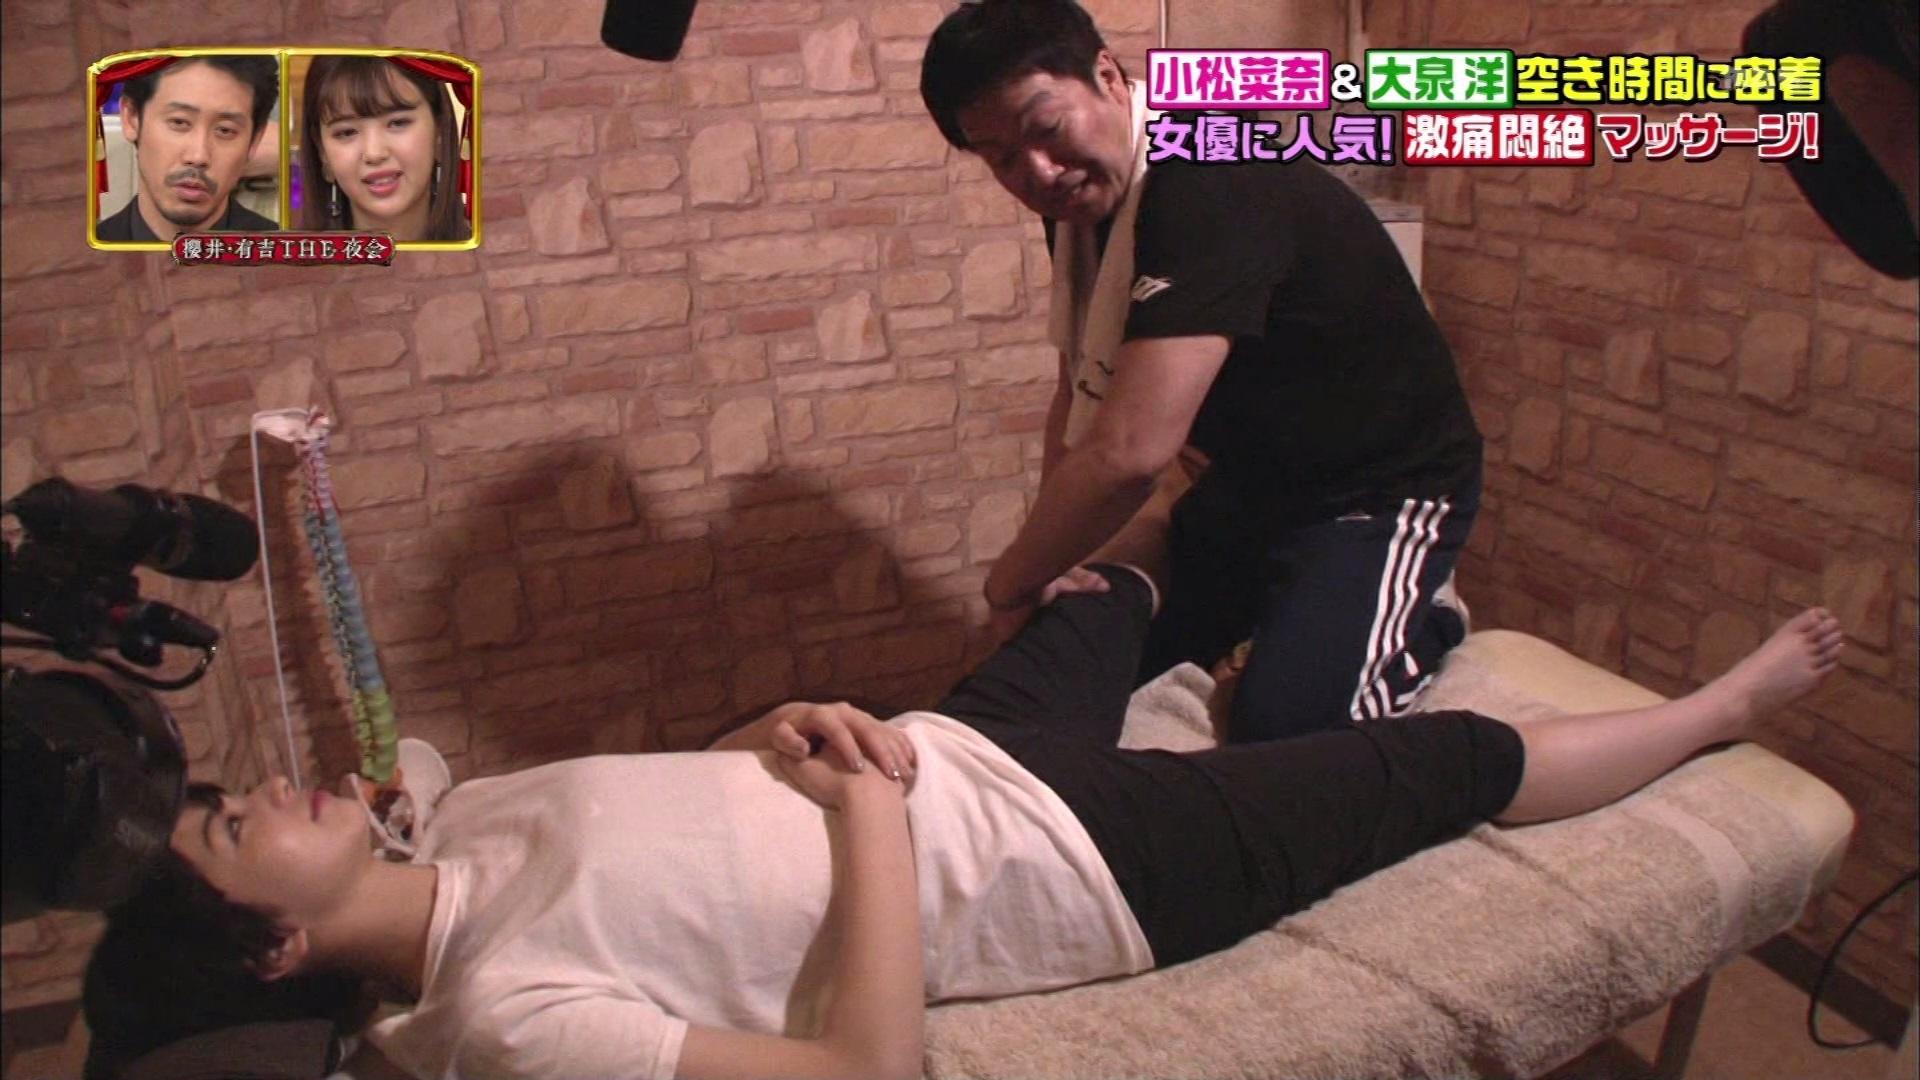 小松菜奈_マッサージ_テレビキャプ画像_07